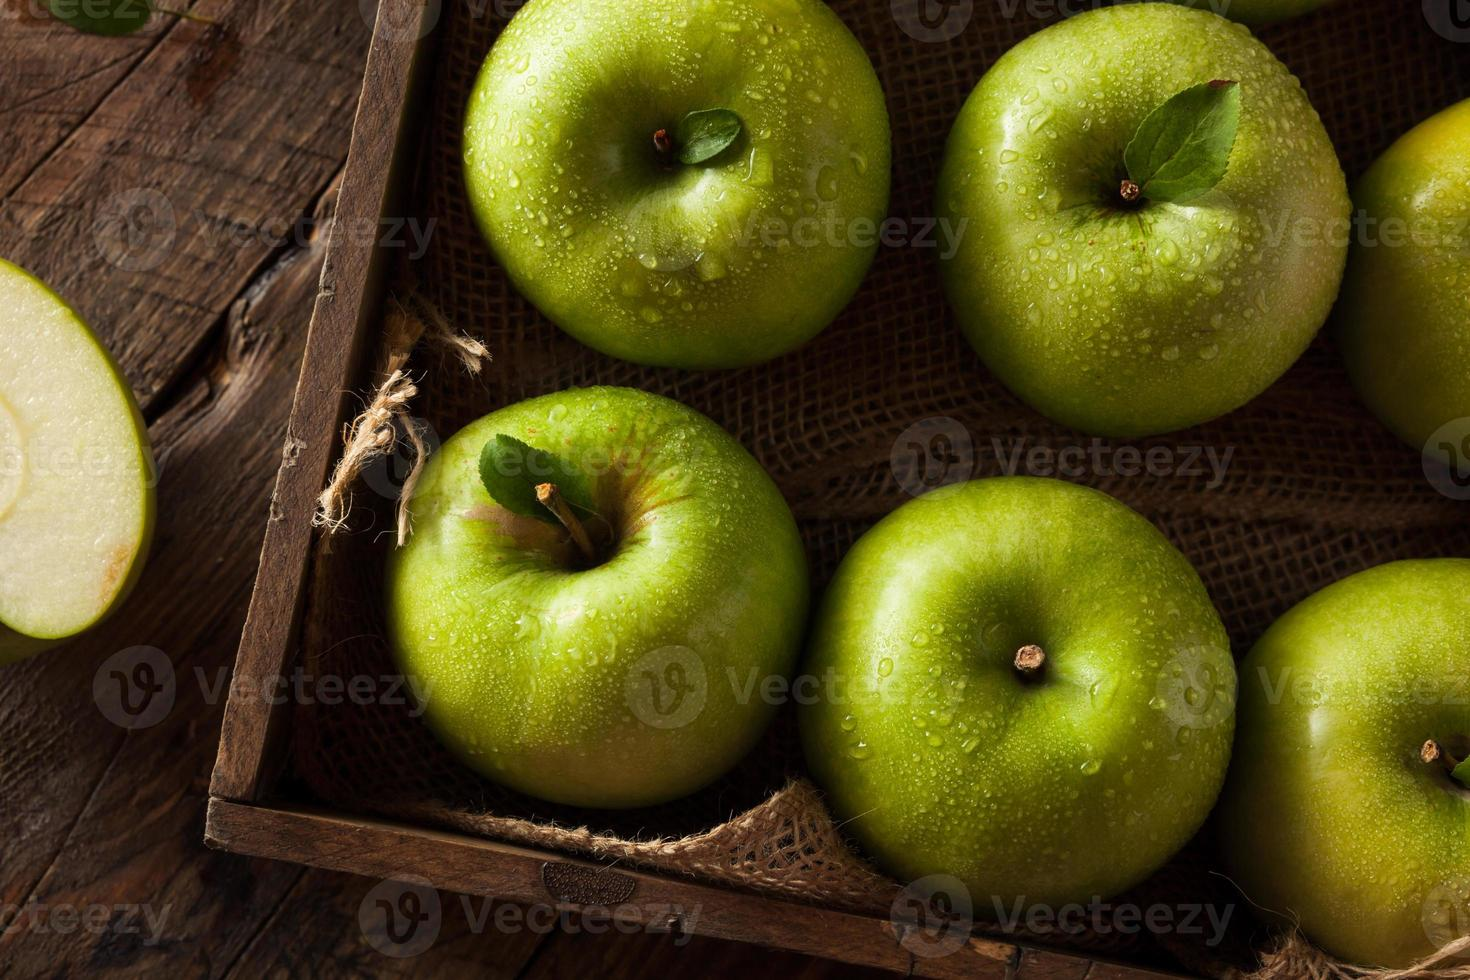 manzana verde granny smith foto